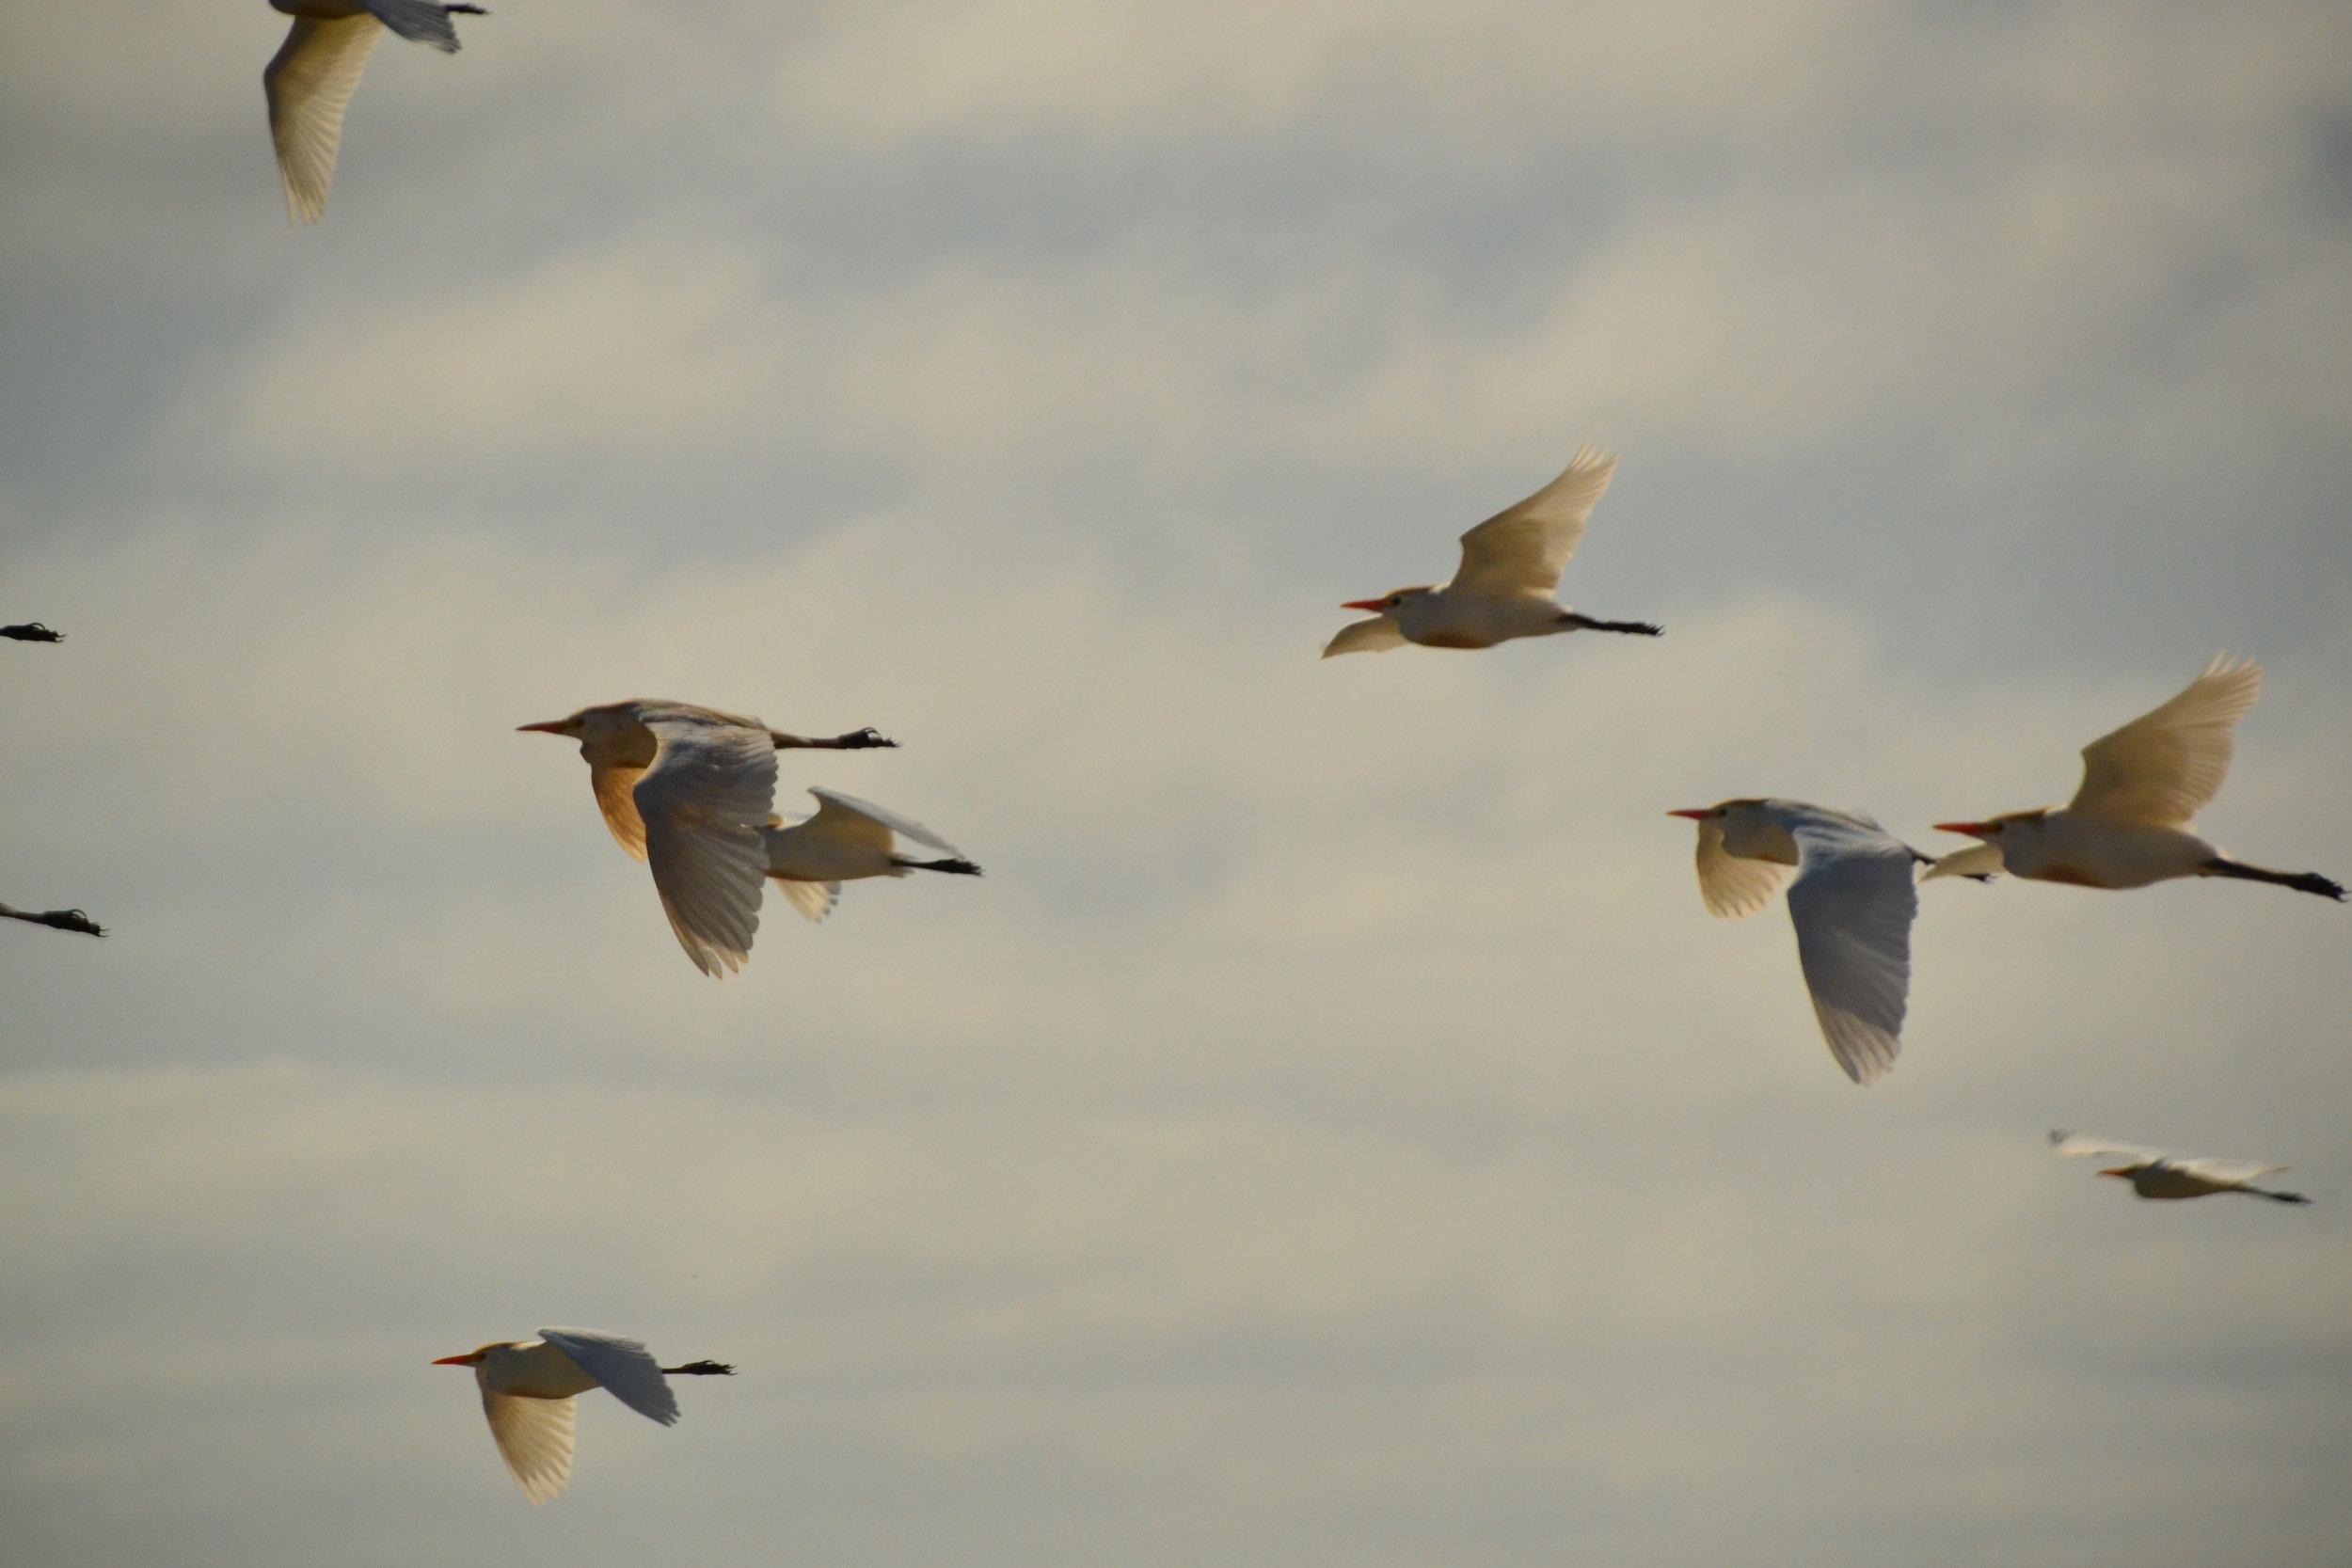 Cattle Egrets in flight.